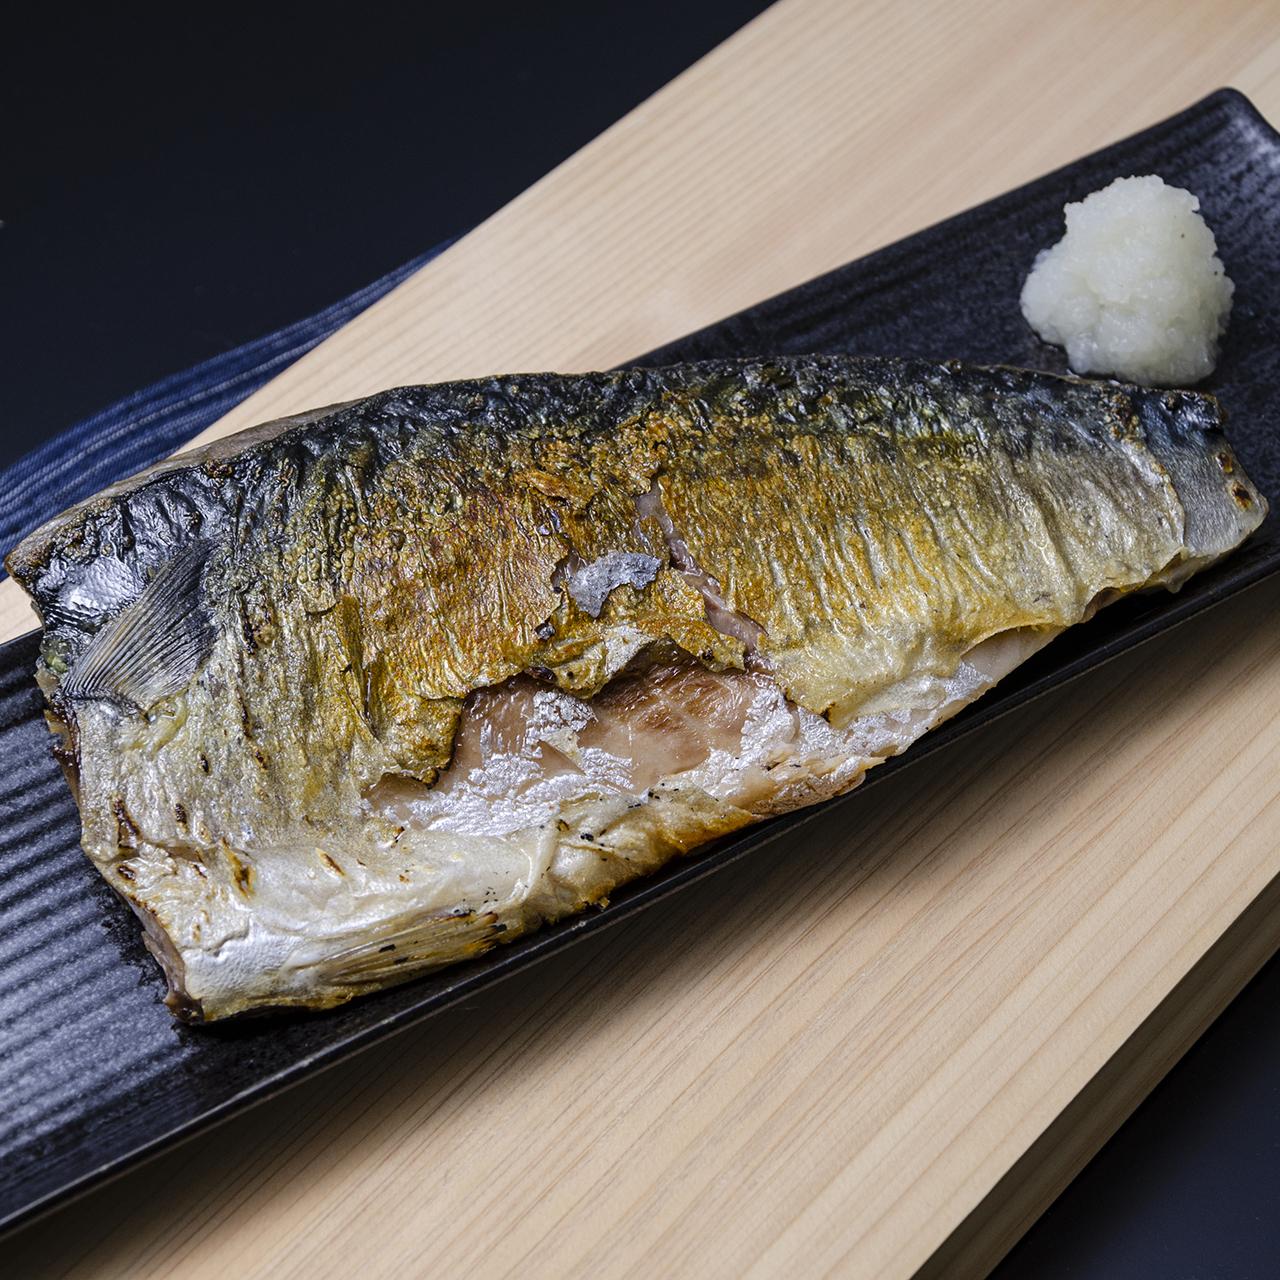 【福島県産 震災復興】(0246)塩サバ 脂のり良い寒サバ プレミア